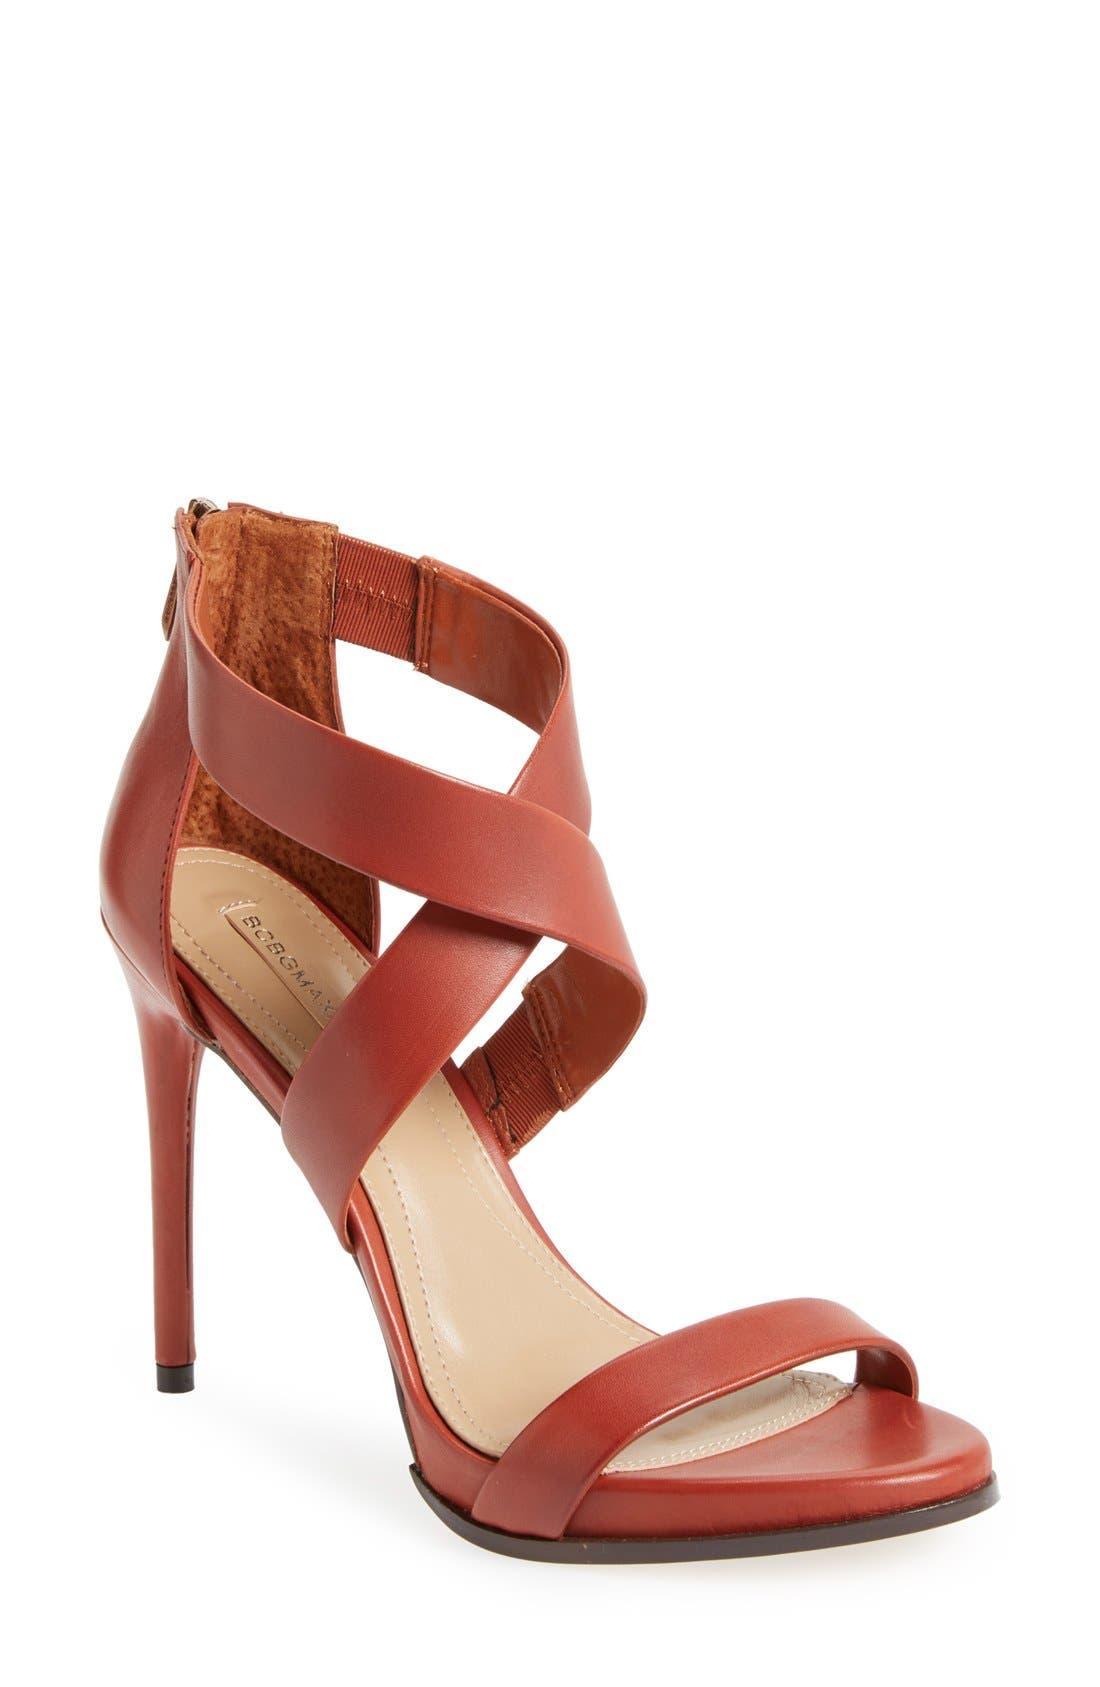 Alternate Image 1 Selected - BCBGMAXAZRIA 'Elyse' Sandal (Women)